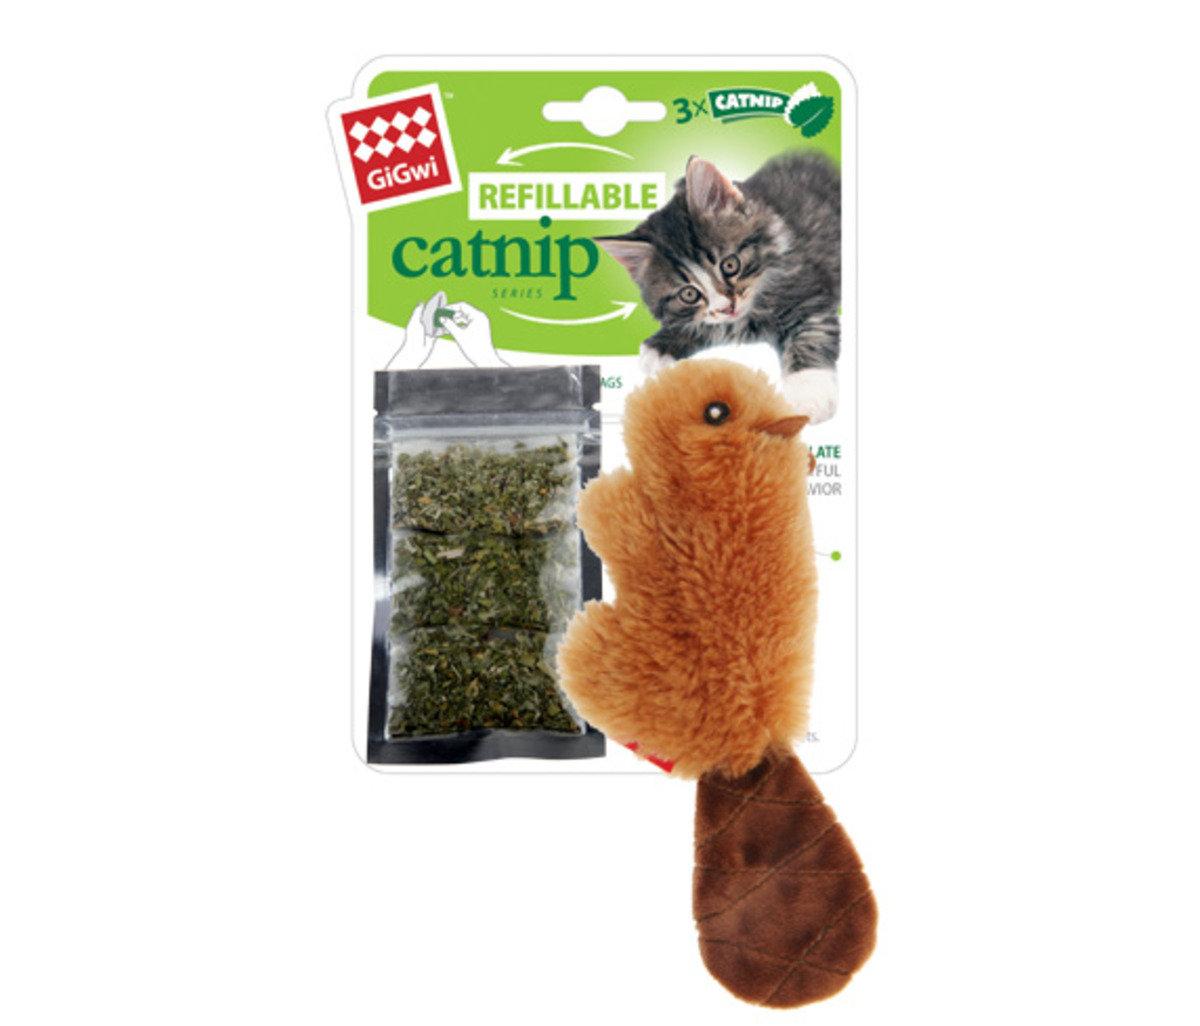 水獺毛毛公仔貓玩具連貓草